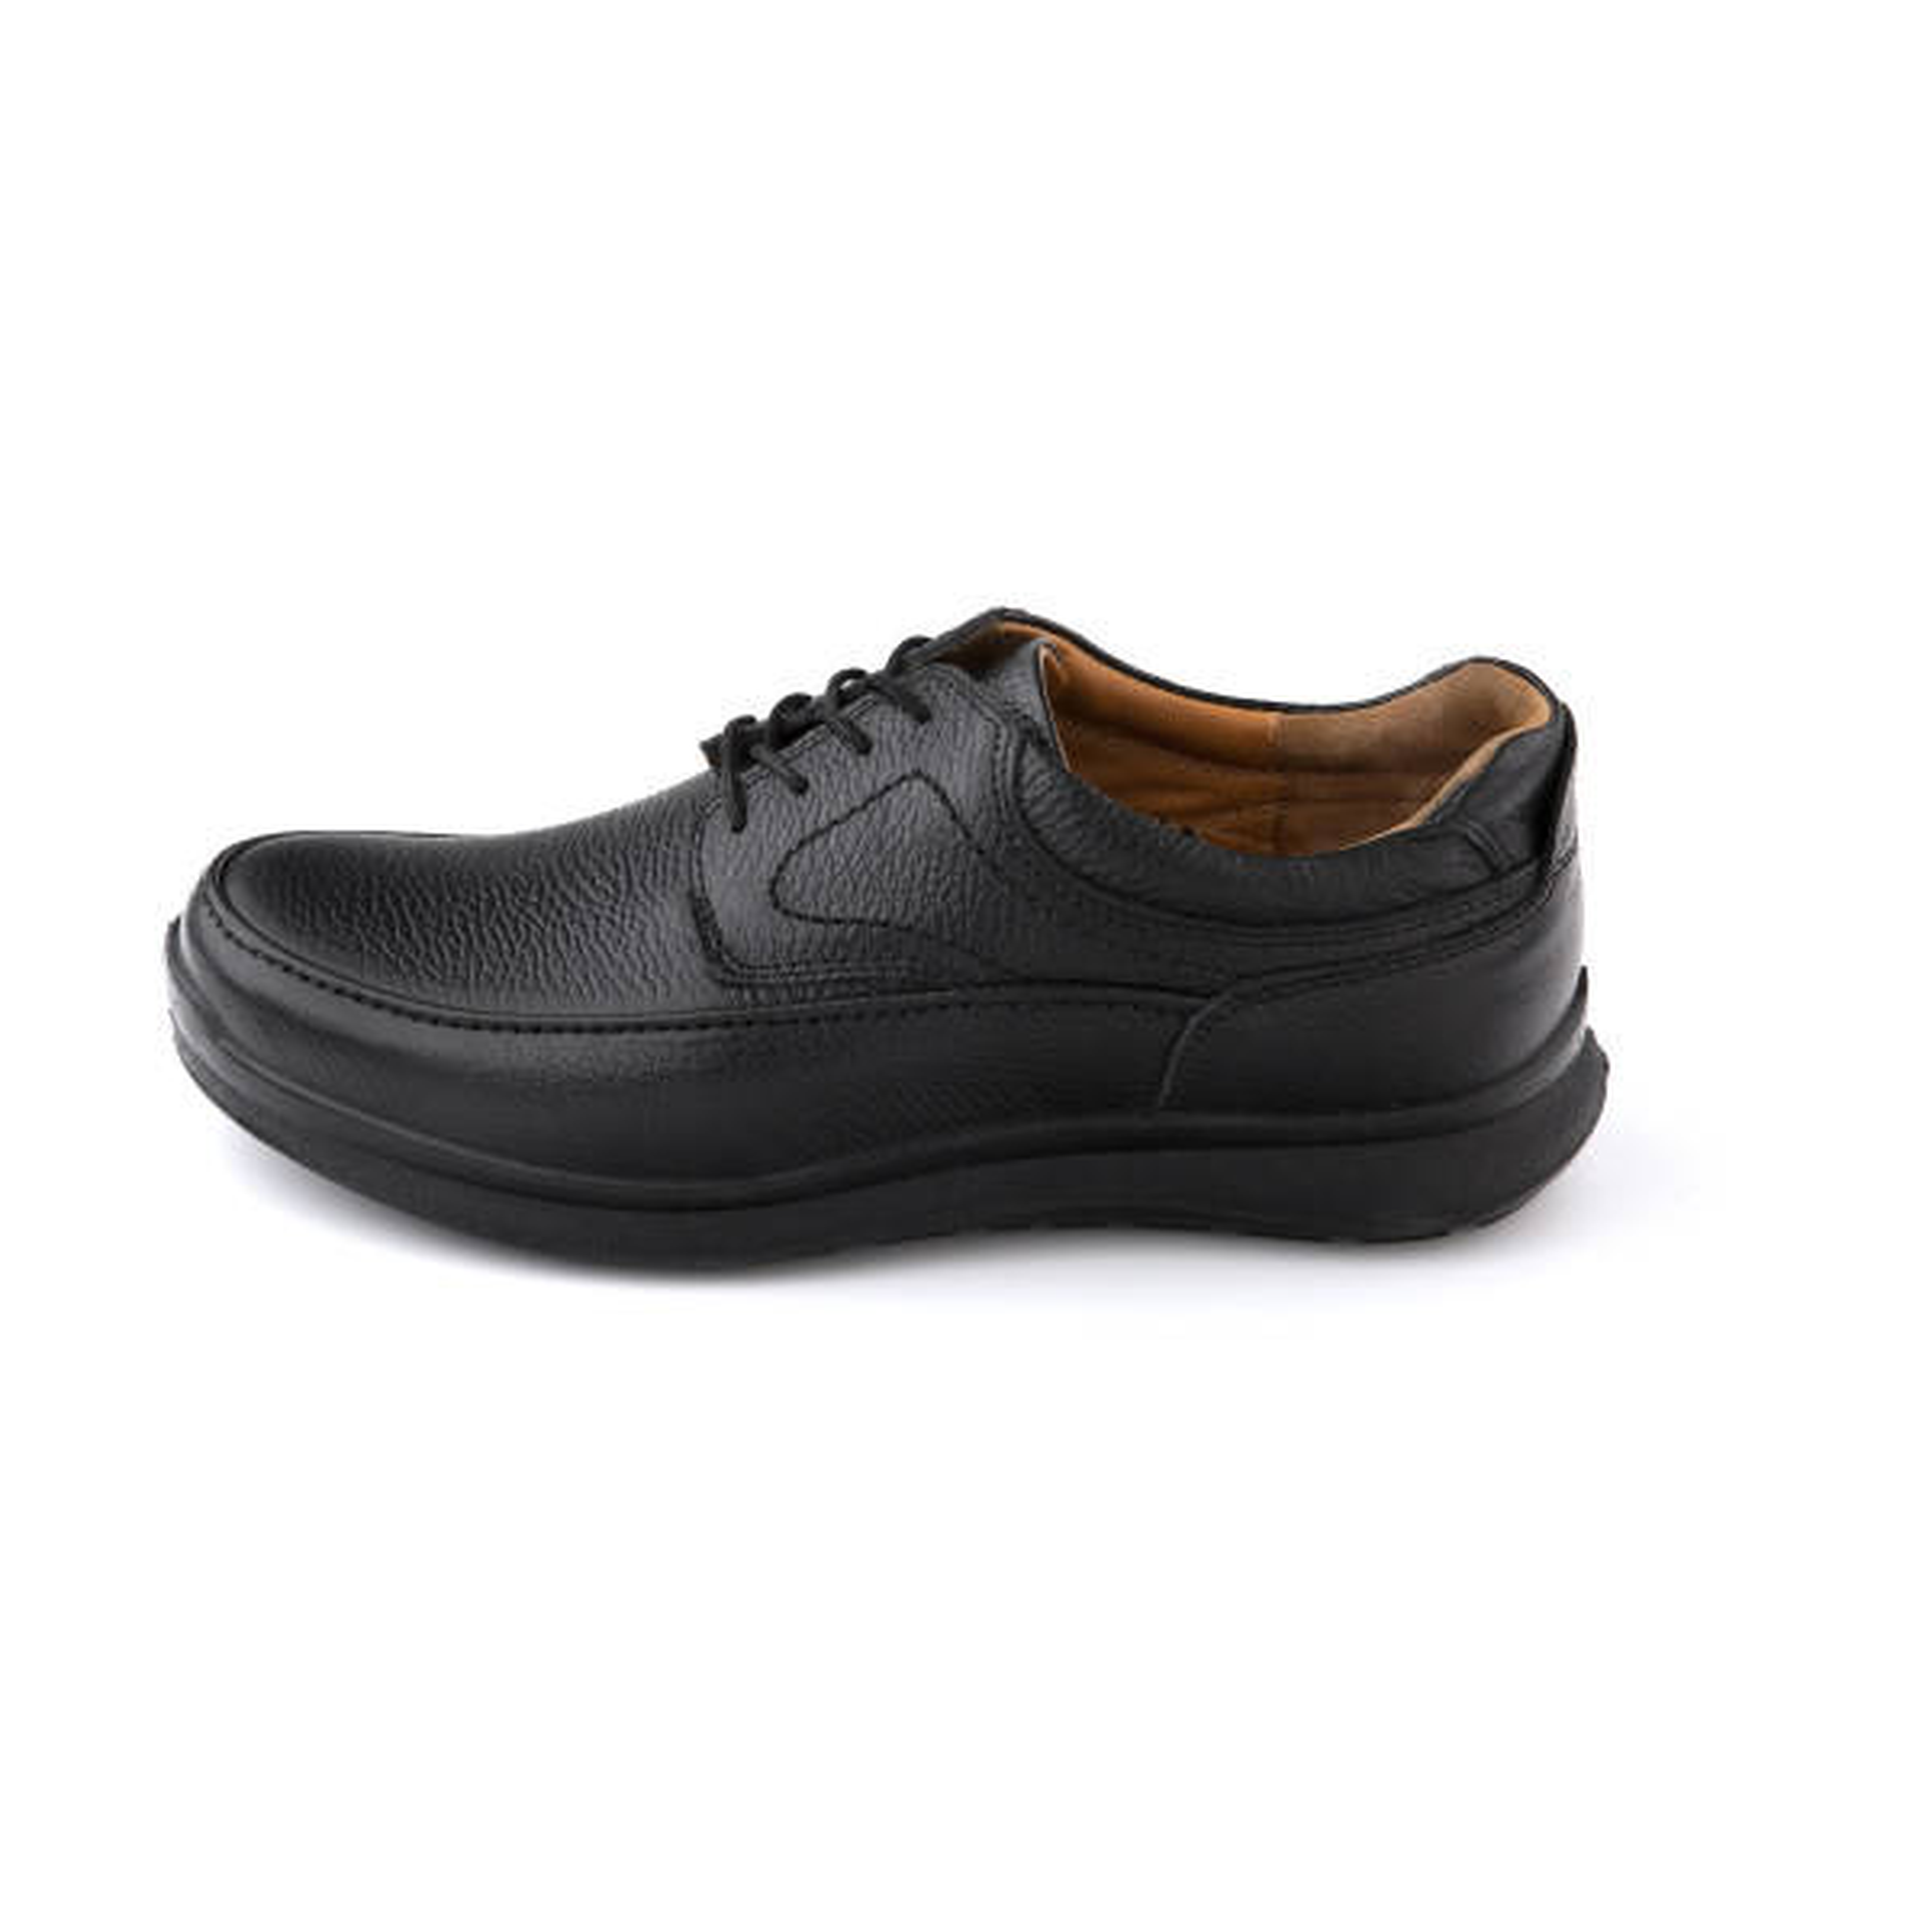 کفش روزمره مردانه شیفر مدل 7255C503101